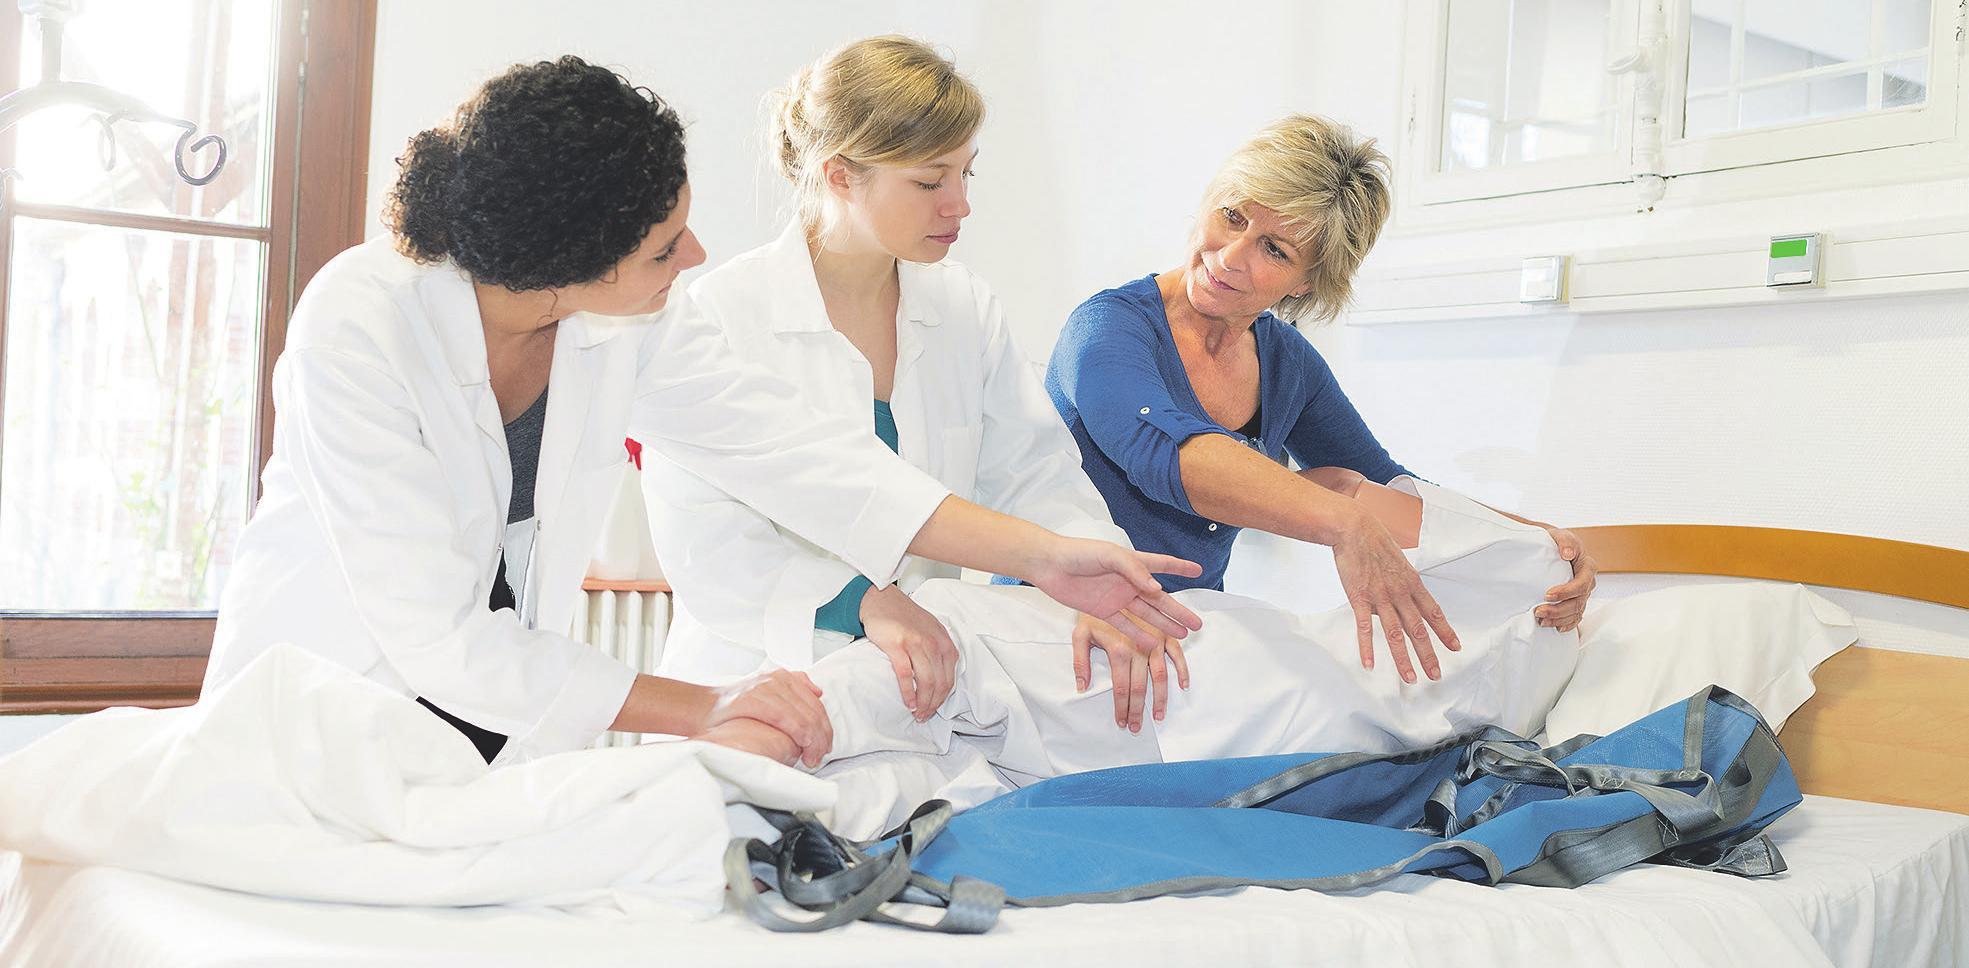 In Deutschland gibt es zu wenige Pflegekräfte – Aufgrund der Corona-Krise könnte es nun bald attraktiver werden, diesen Beruf zu ergreifen